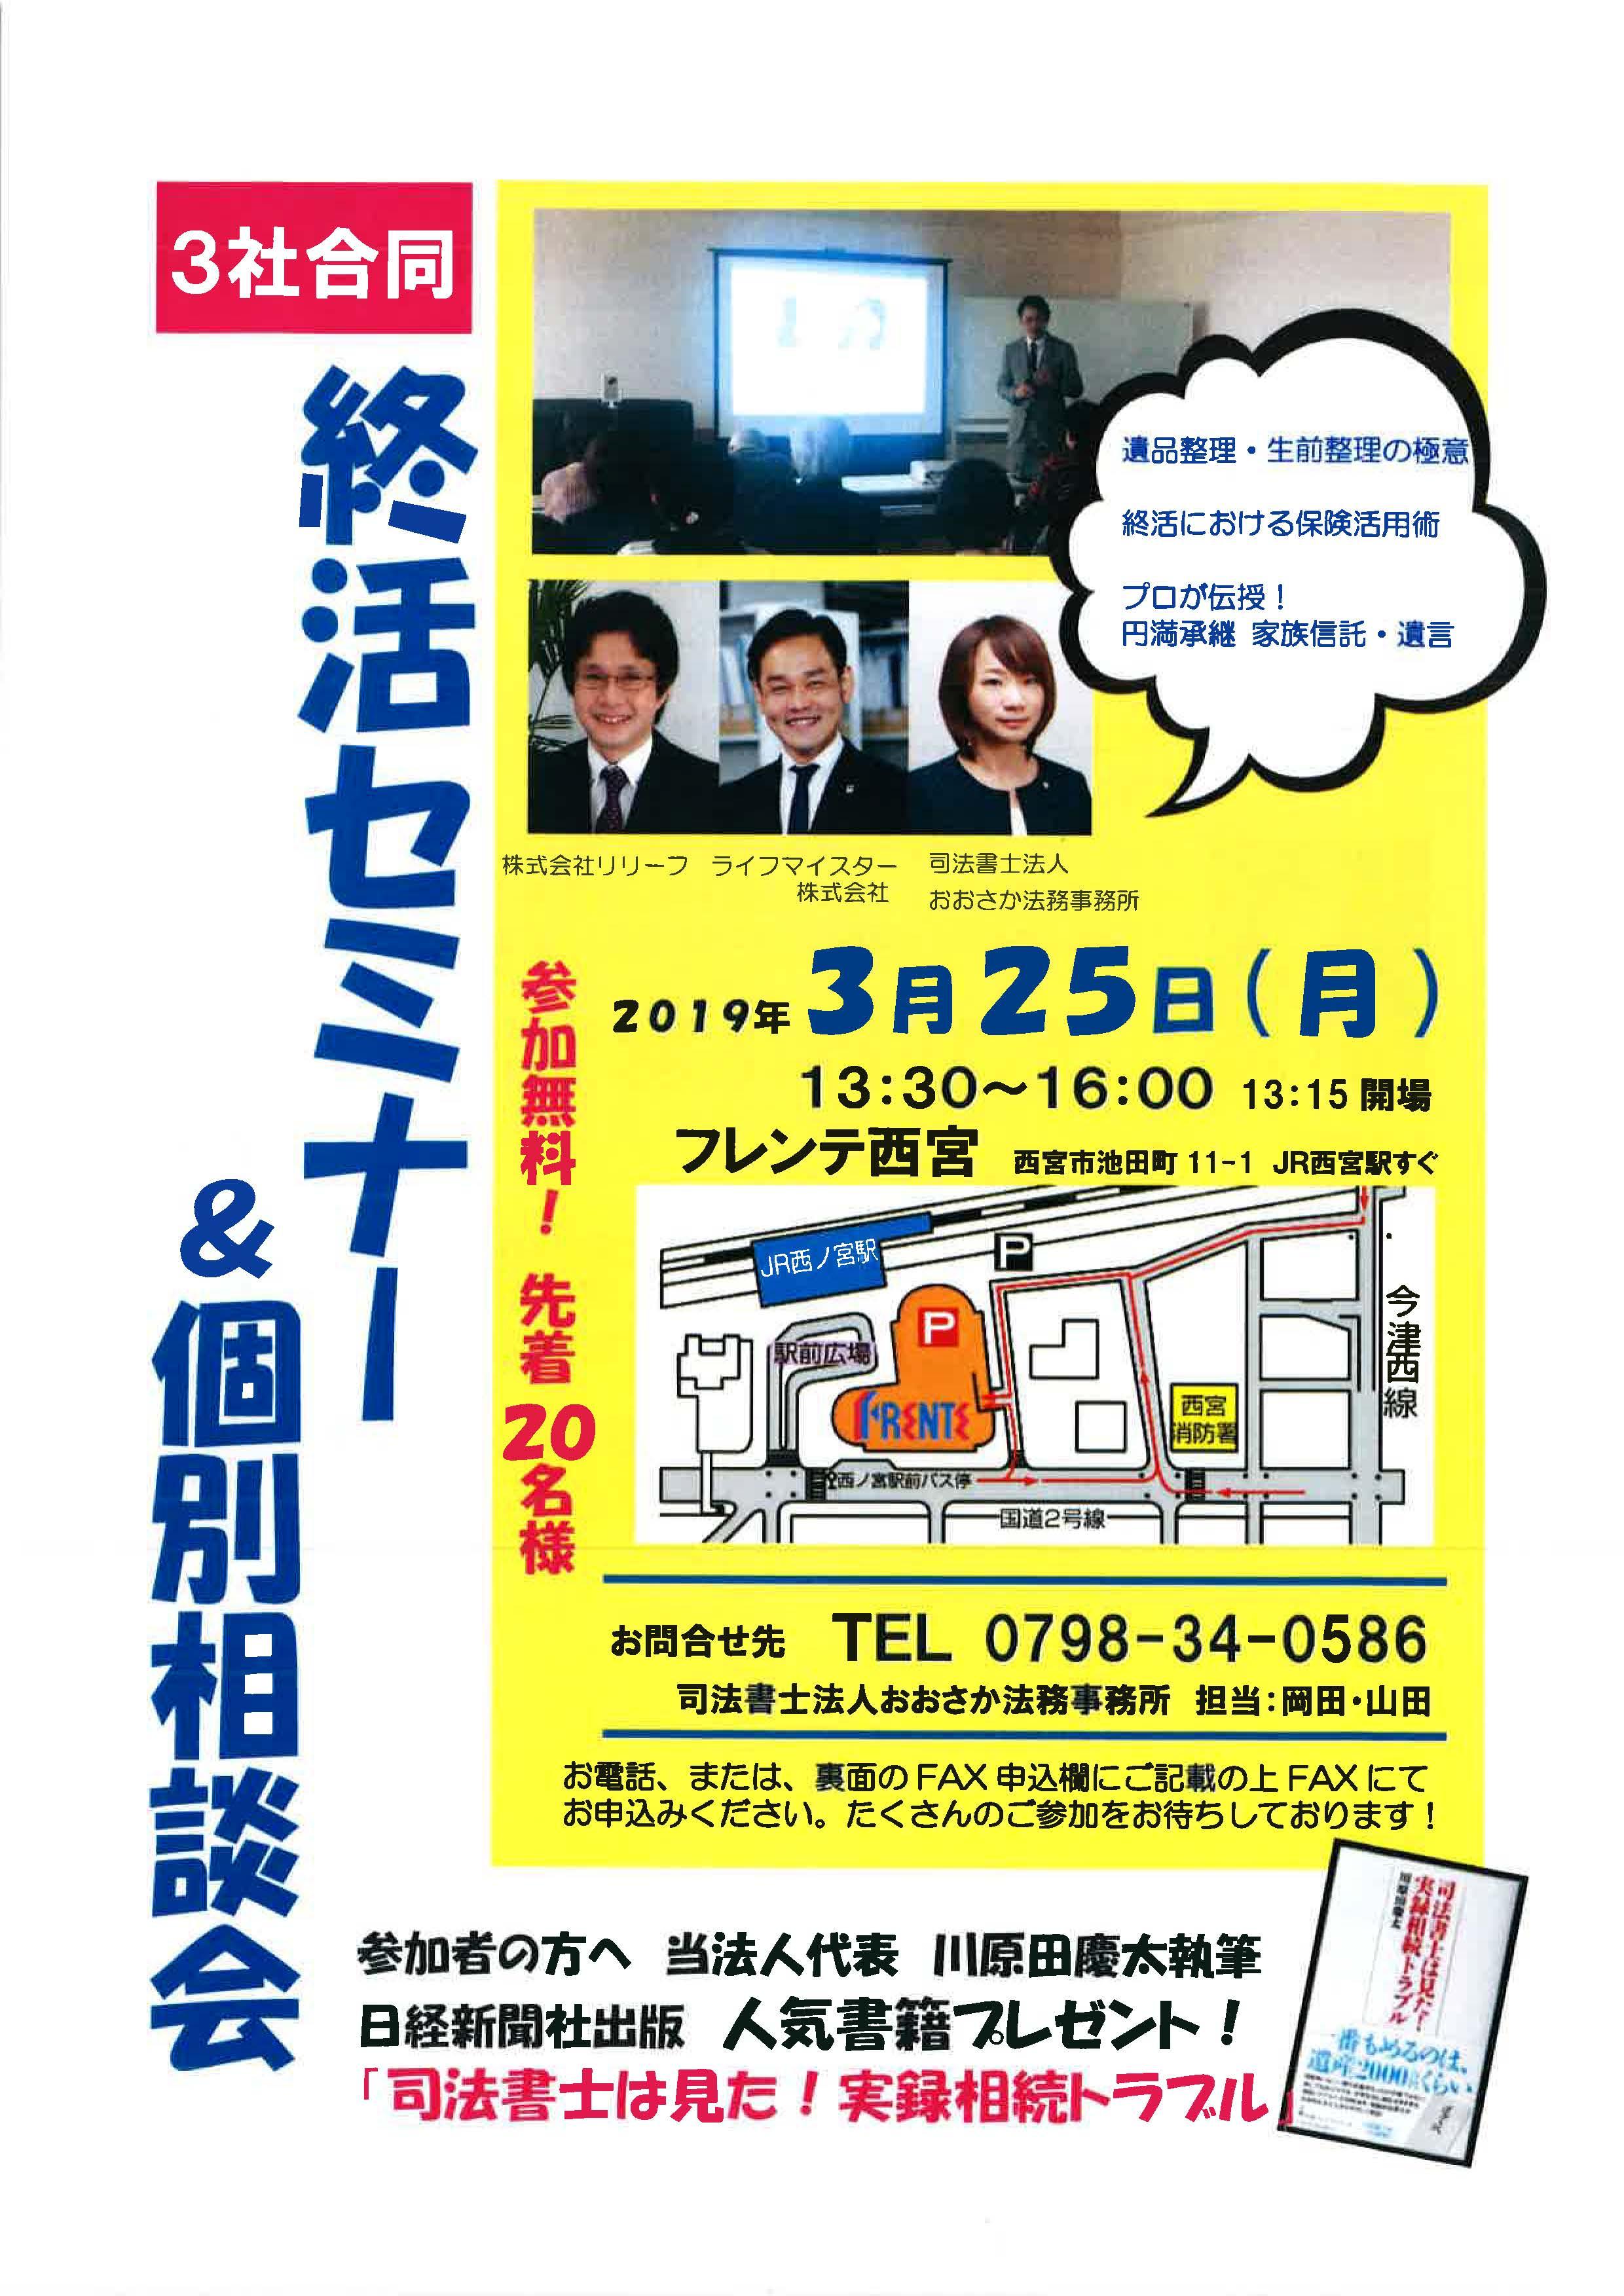 3/25(月)開催 3社合同 終活セミナー&個別相談会